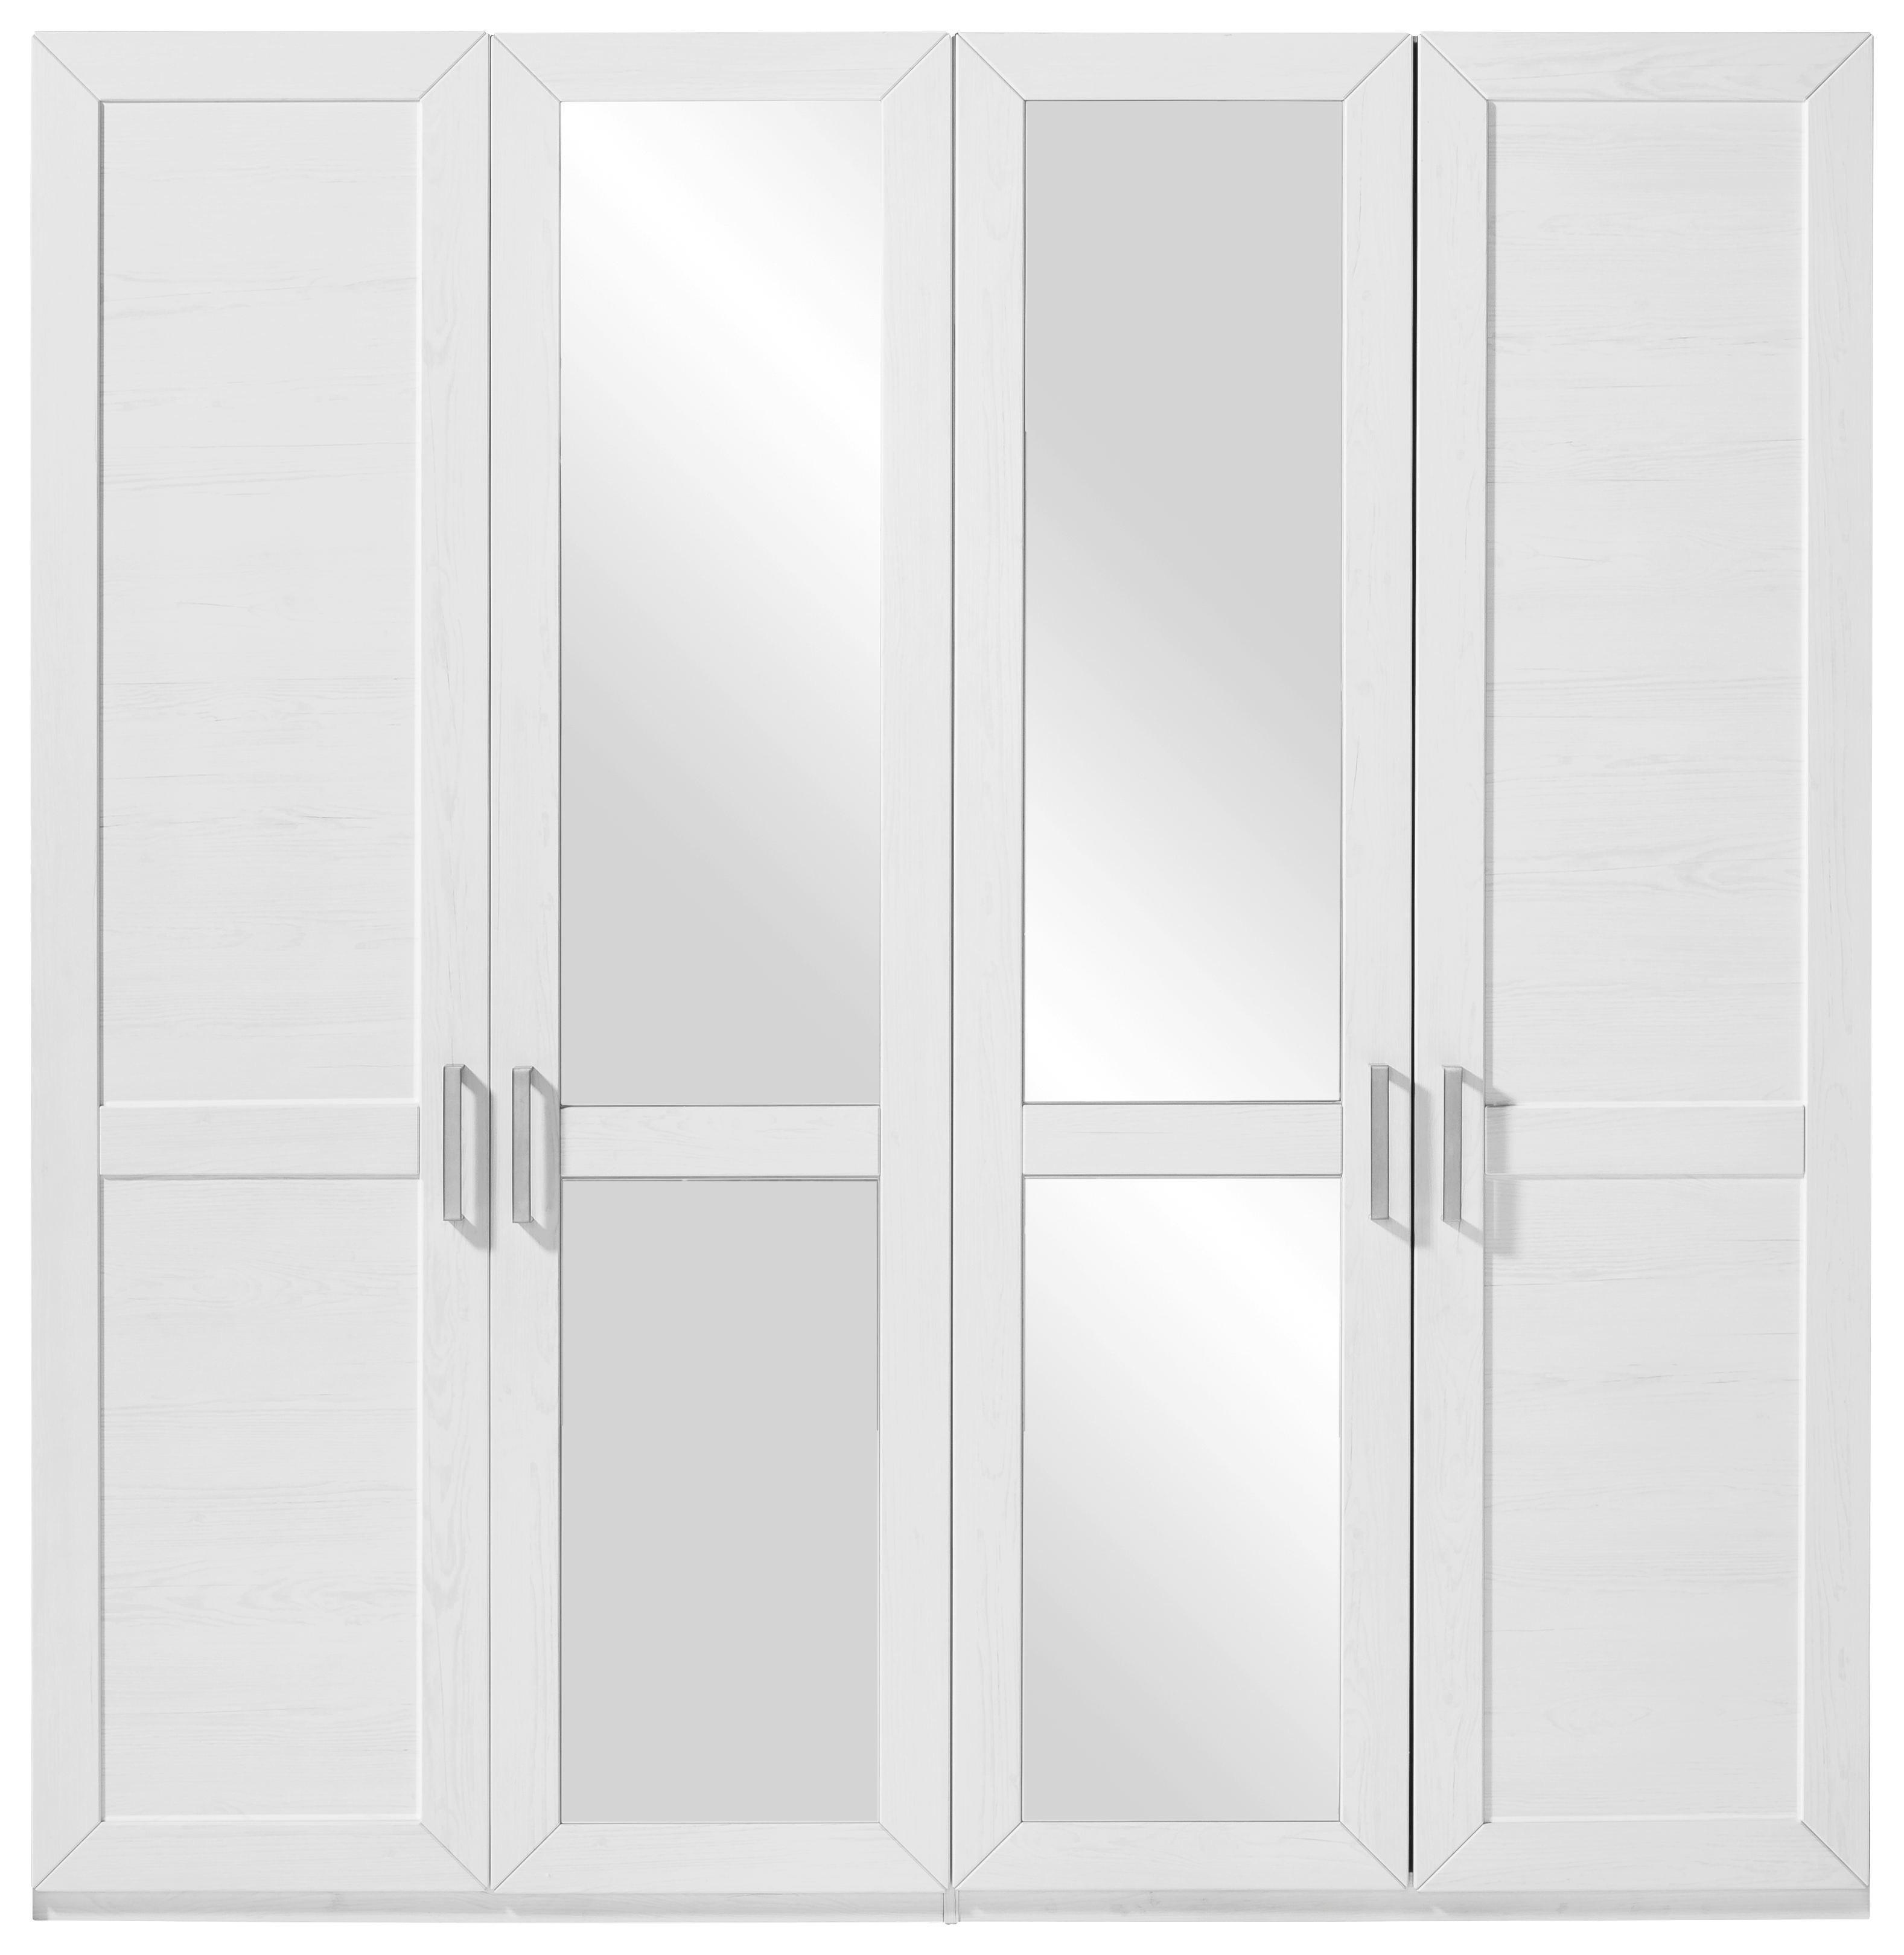 DREHTÜRENSCHRANK 4  -türig Eichefarben, Weiß - Eichefarben/Silberfarben, Design, Holzwerkstoff/Metall (215/209/60cm) - SET ONE BY MUSTERRIN